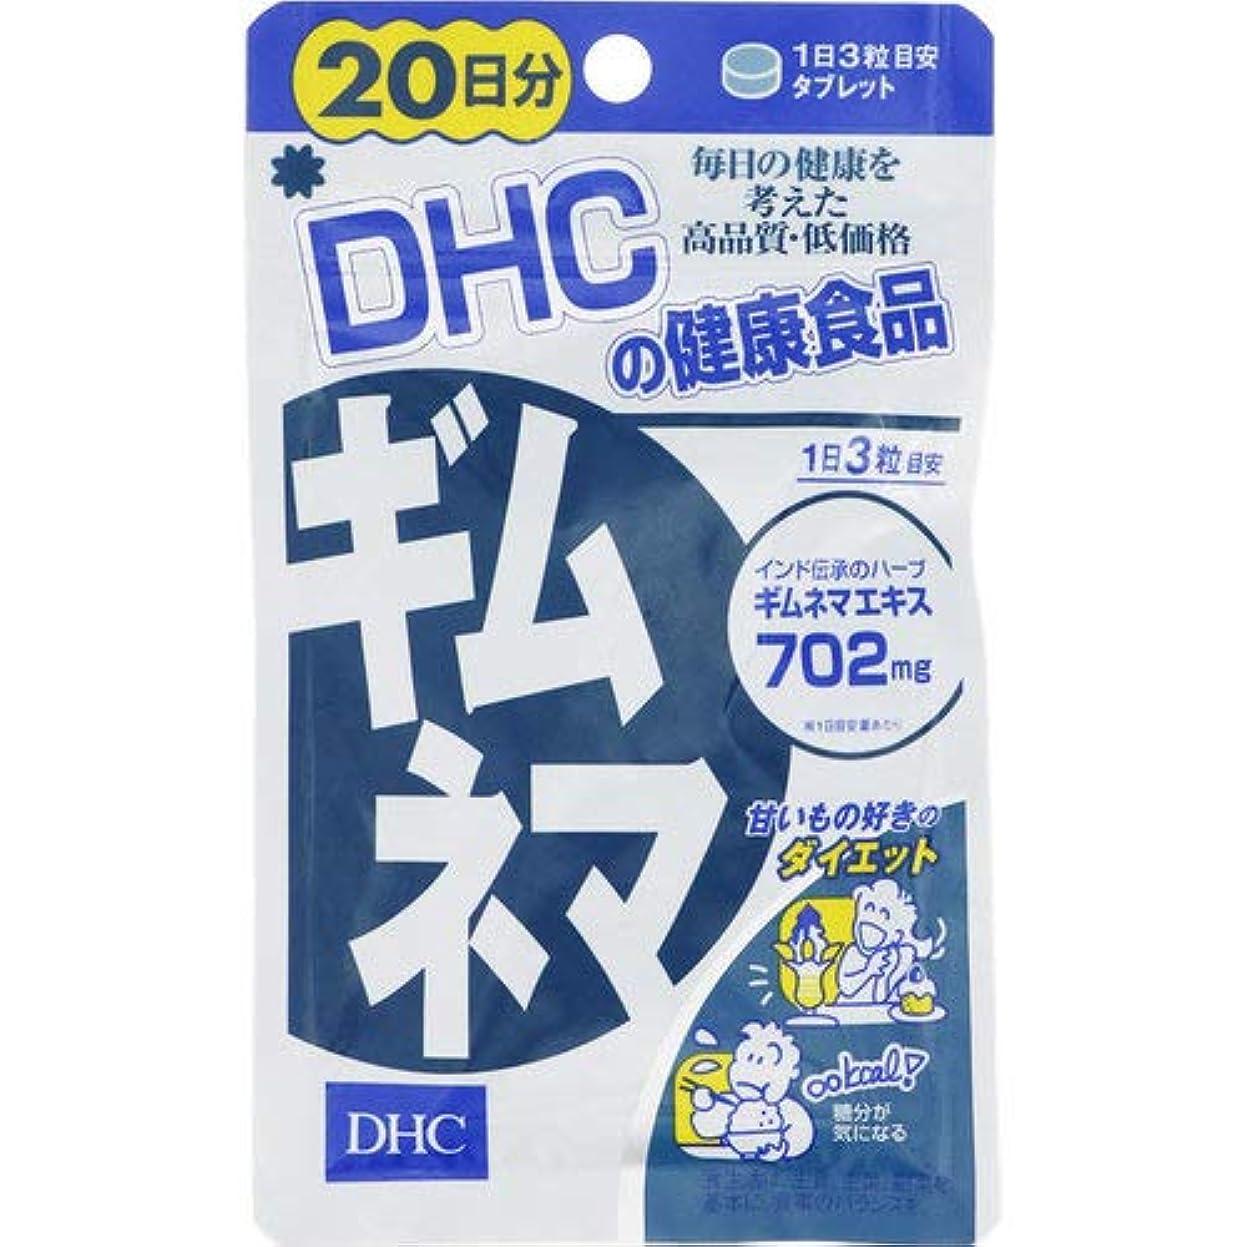 コンパニオンピルファーわずかな【DHC】ギムネマ 20日分 (60粒)